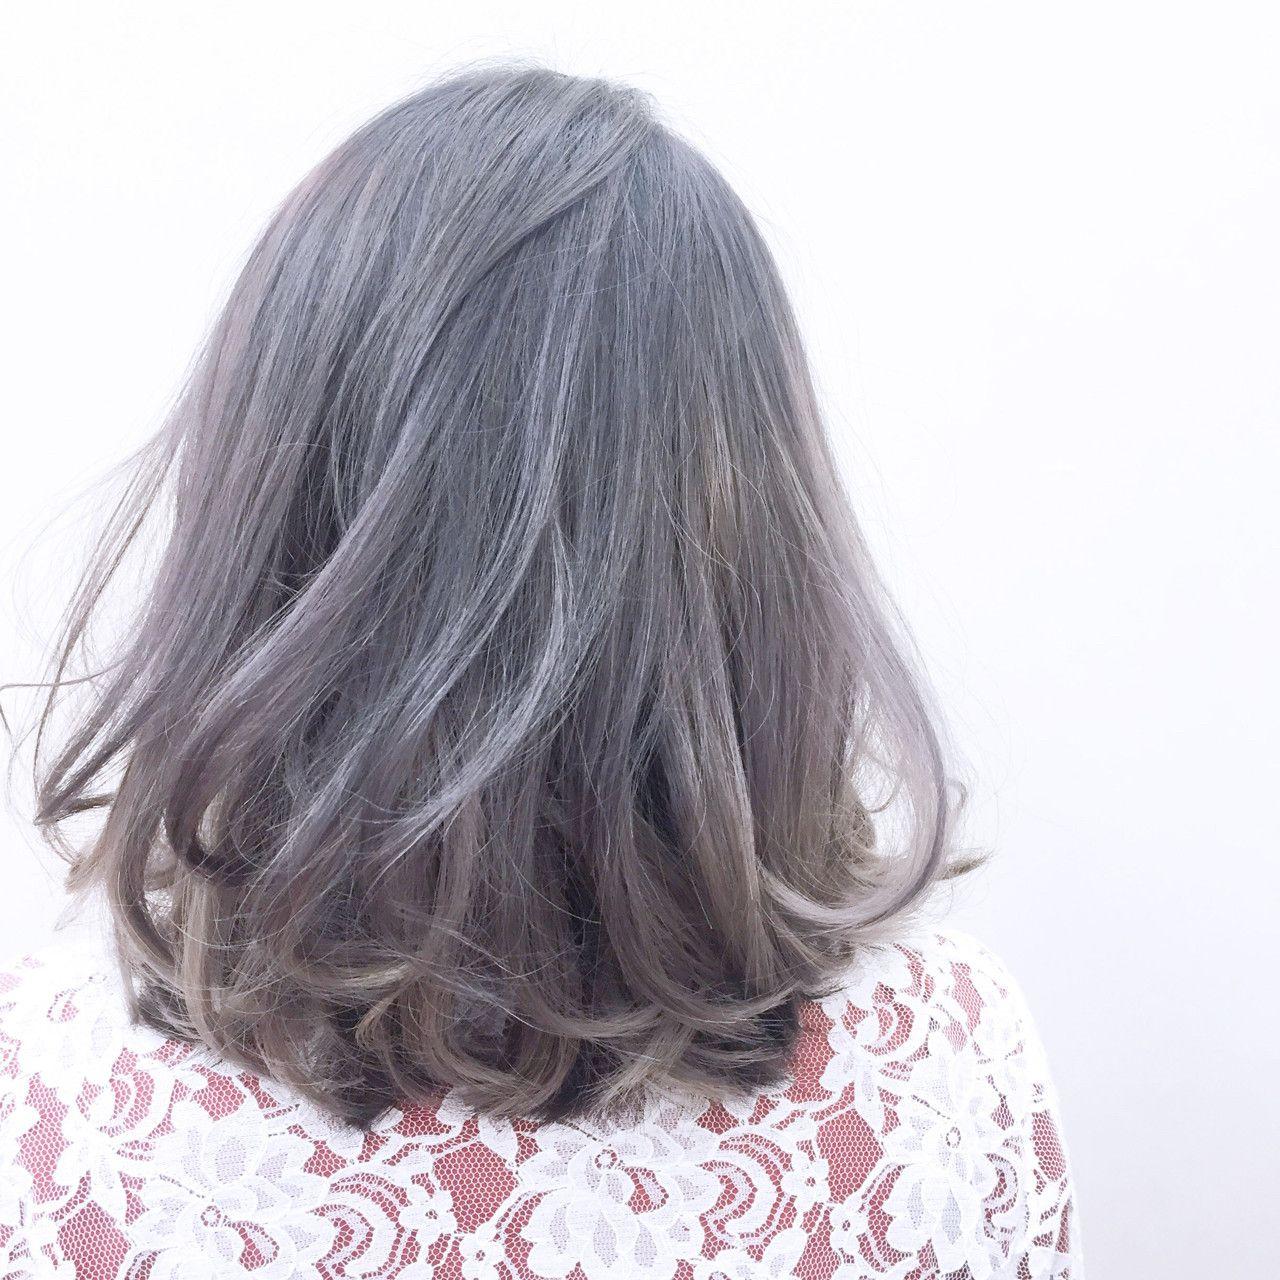 ハイトーンのラベンダーグレー 髪色 グレー ヘアスタイリング